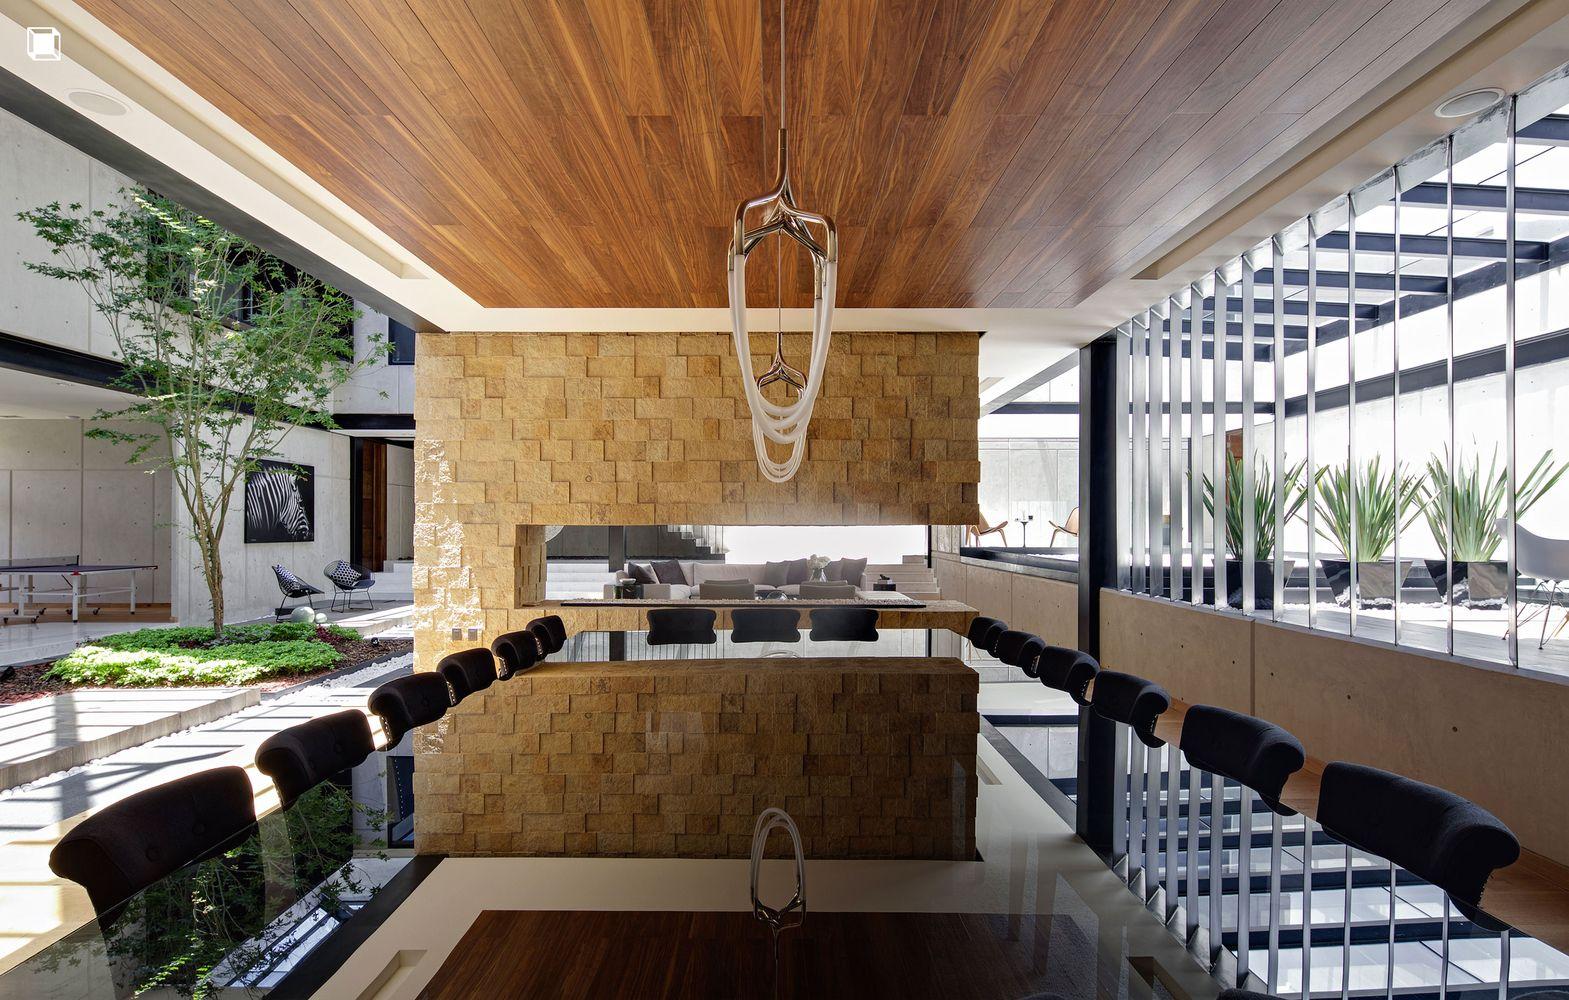 Galería de Residencia Ro / Aarón Carrillo Díaz - 9 | Pinterest